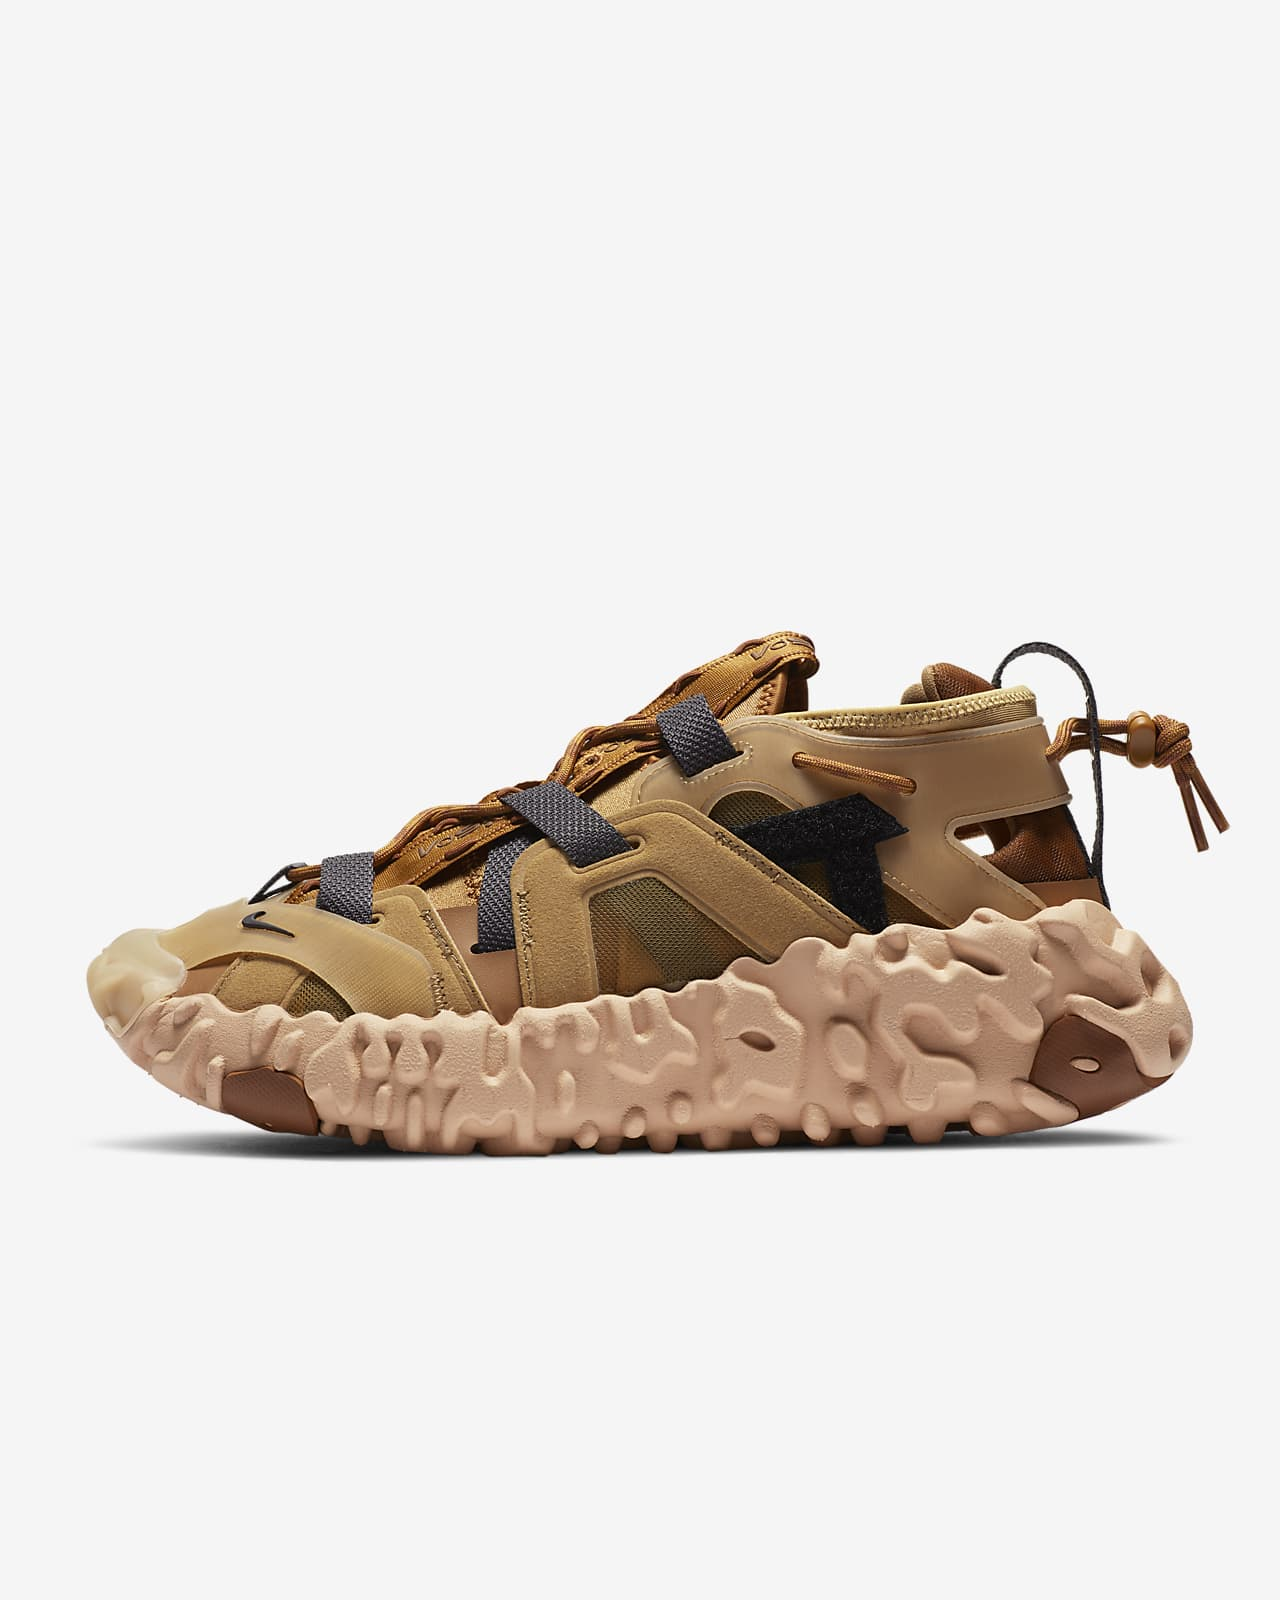 Sandalo Nike ISPA OverReact